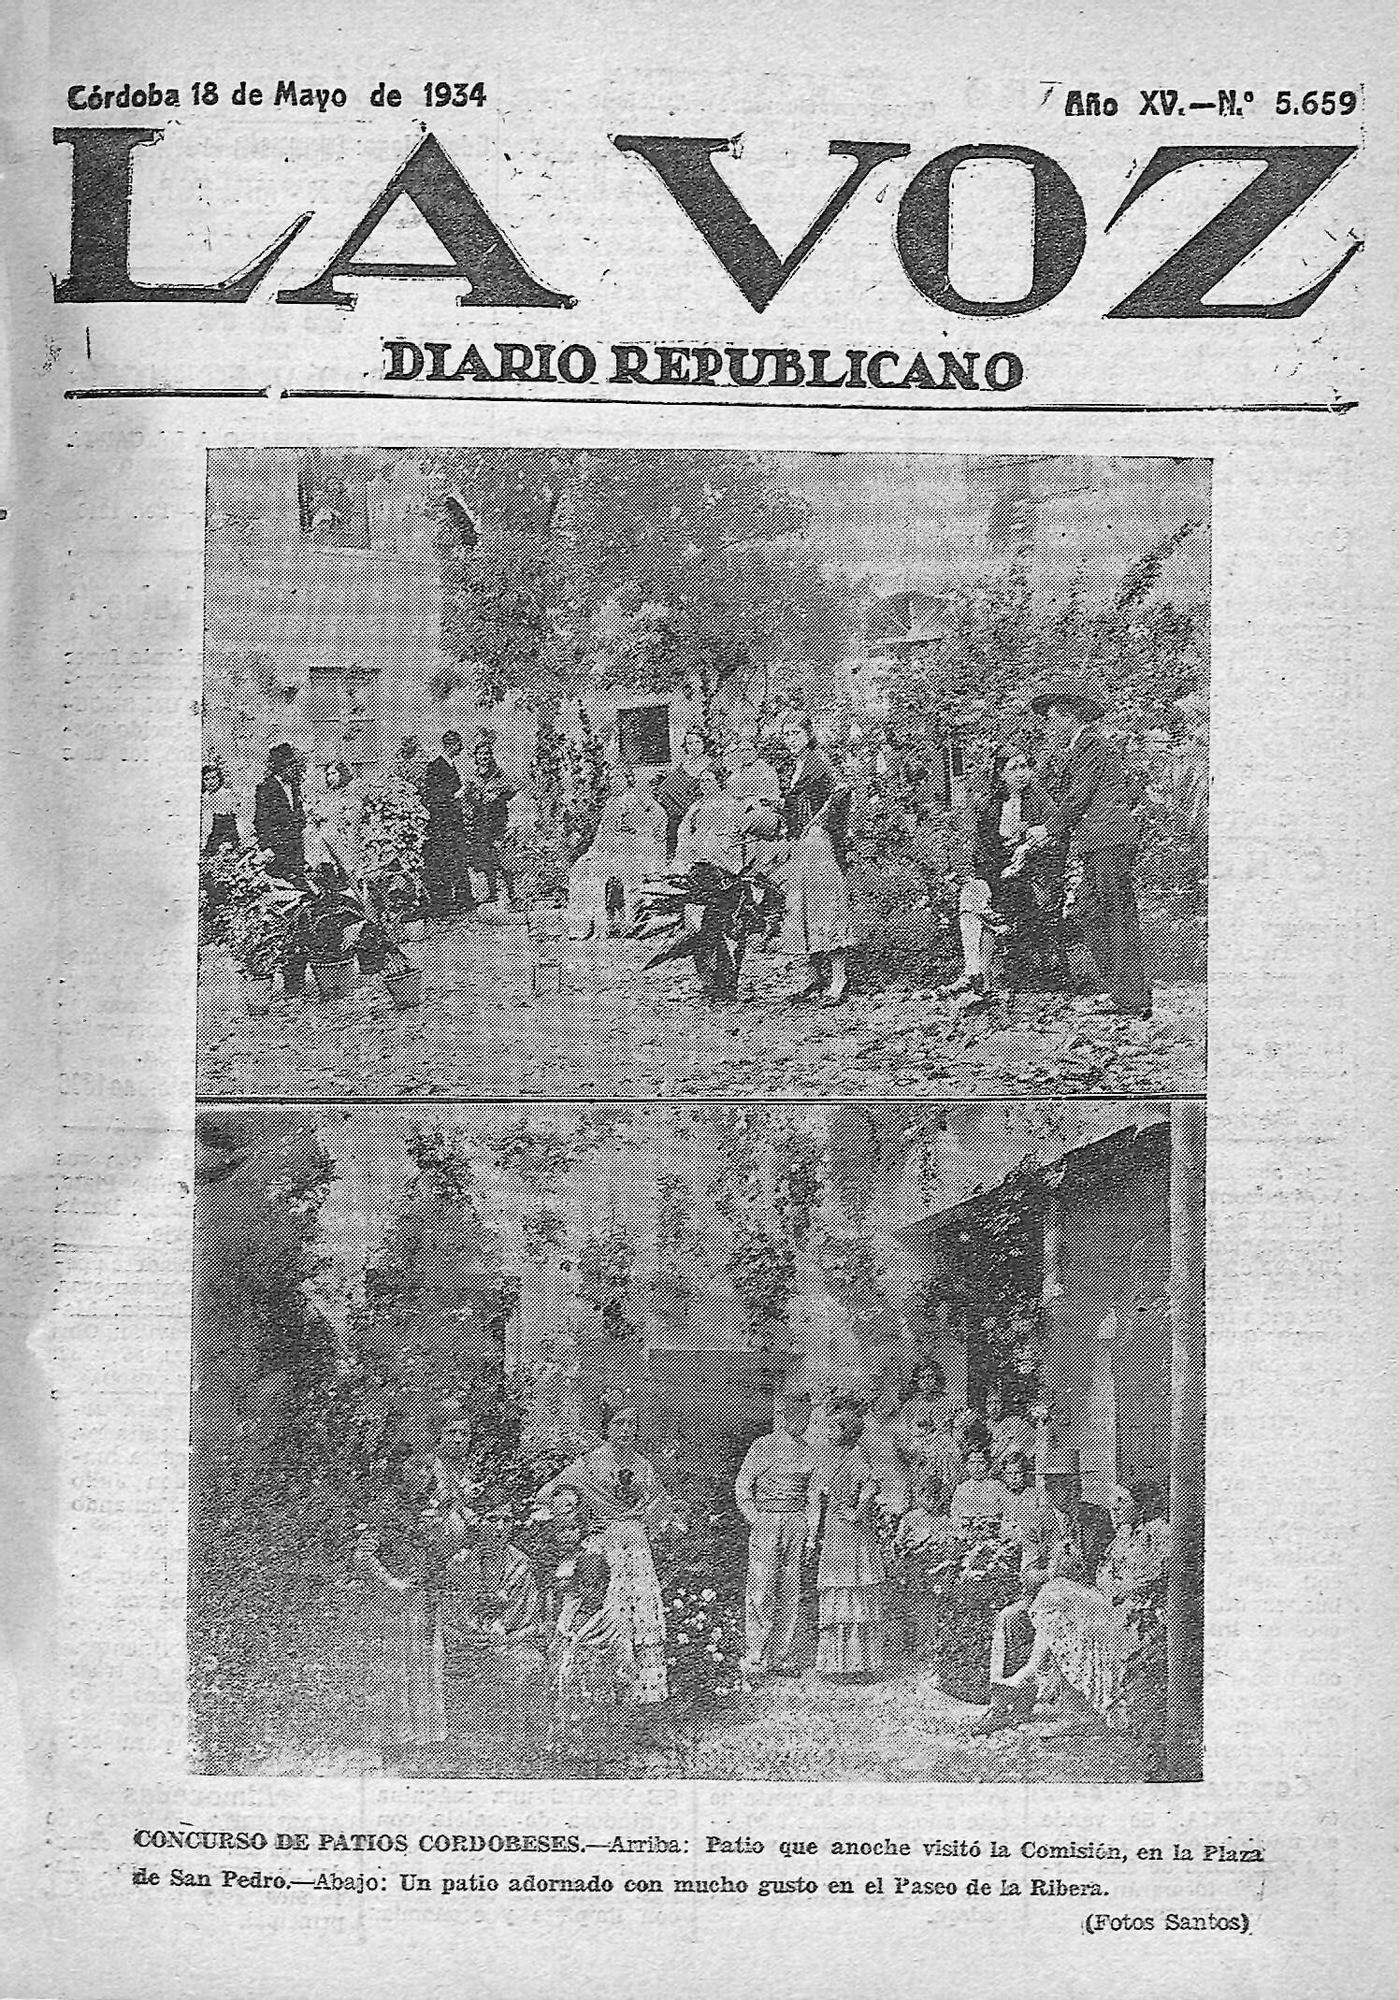 Los patios del barrio de San Pedro y del Paseo de la Ribera en 1934.jpg